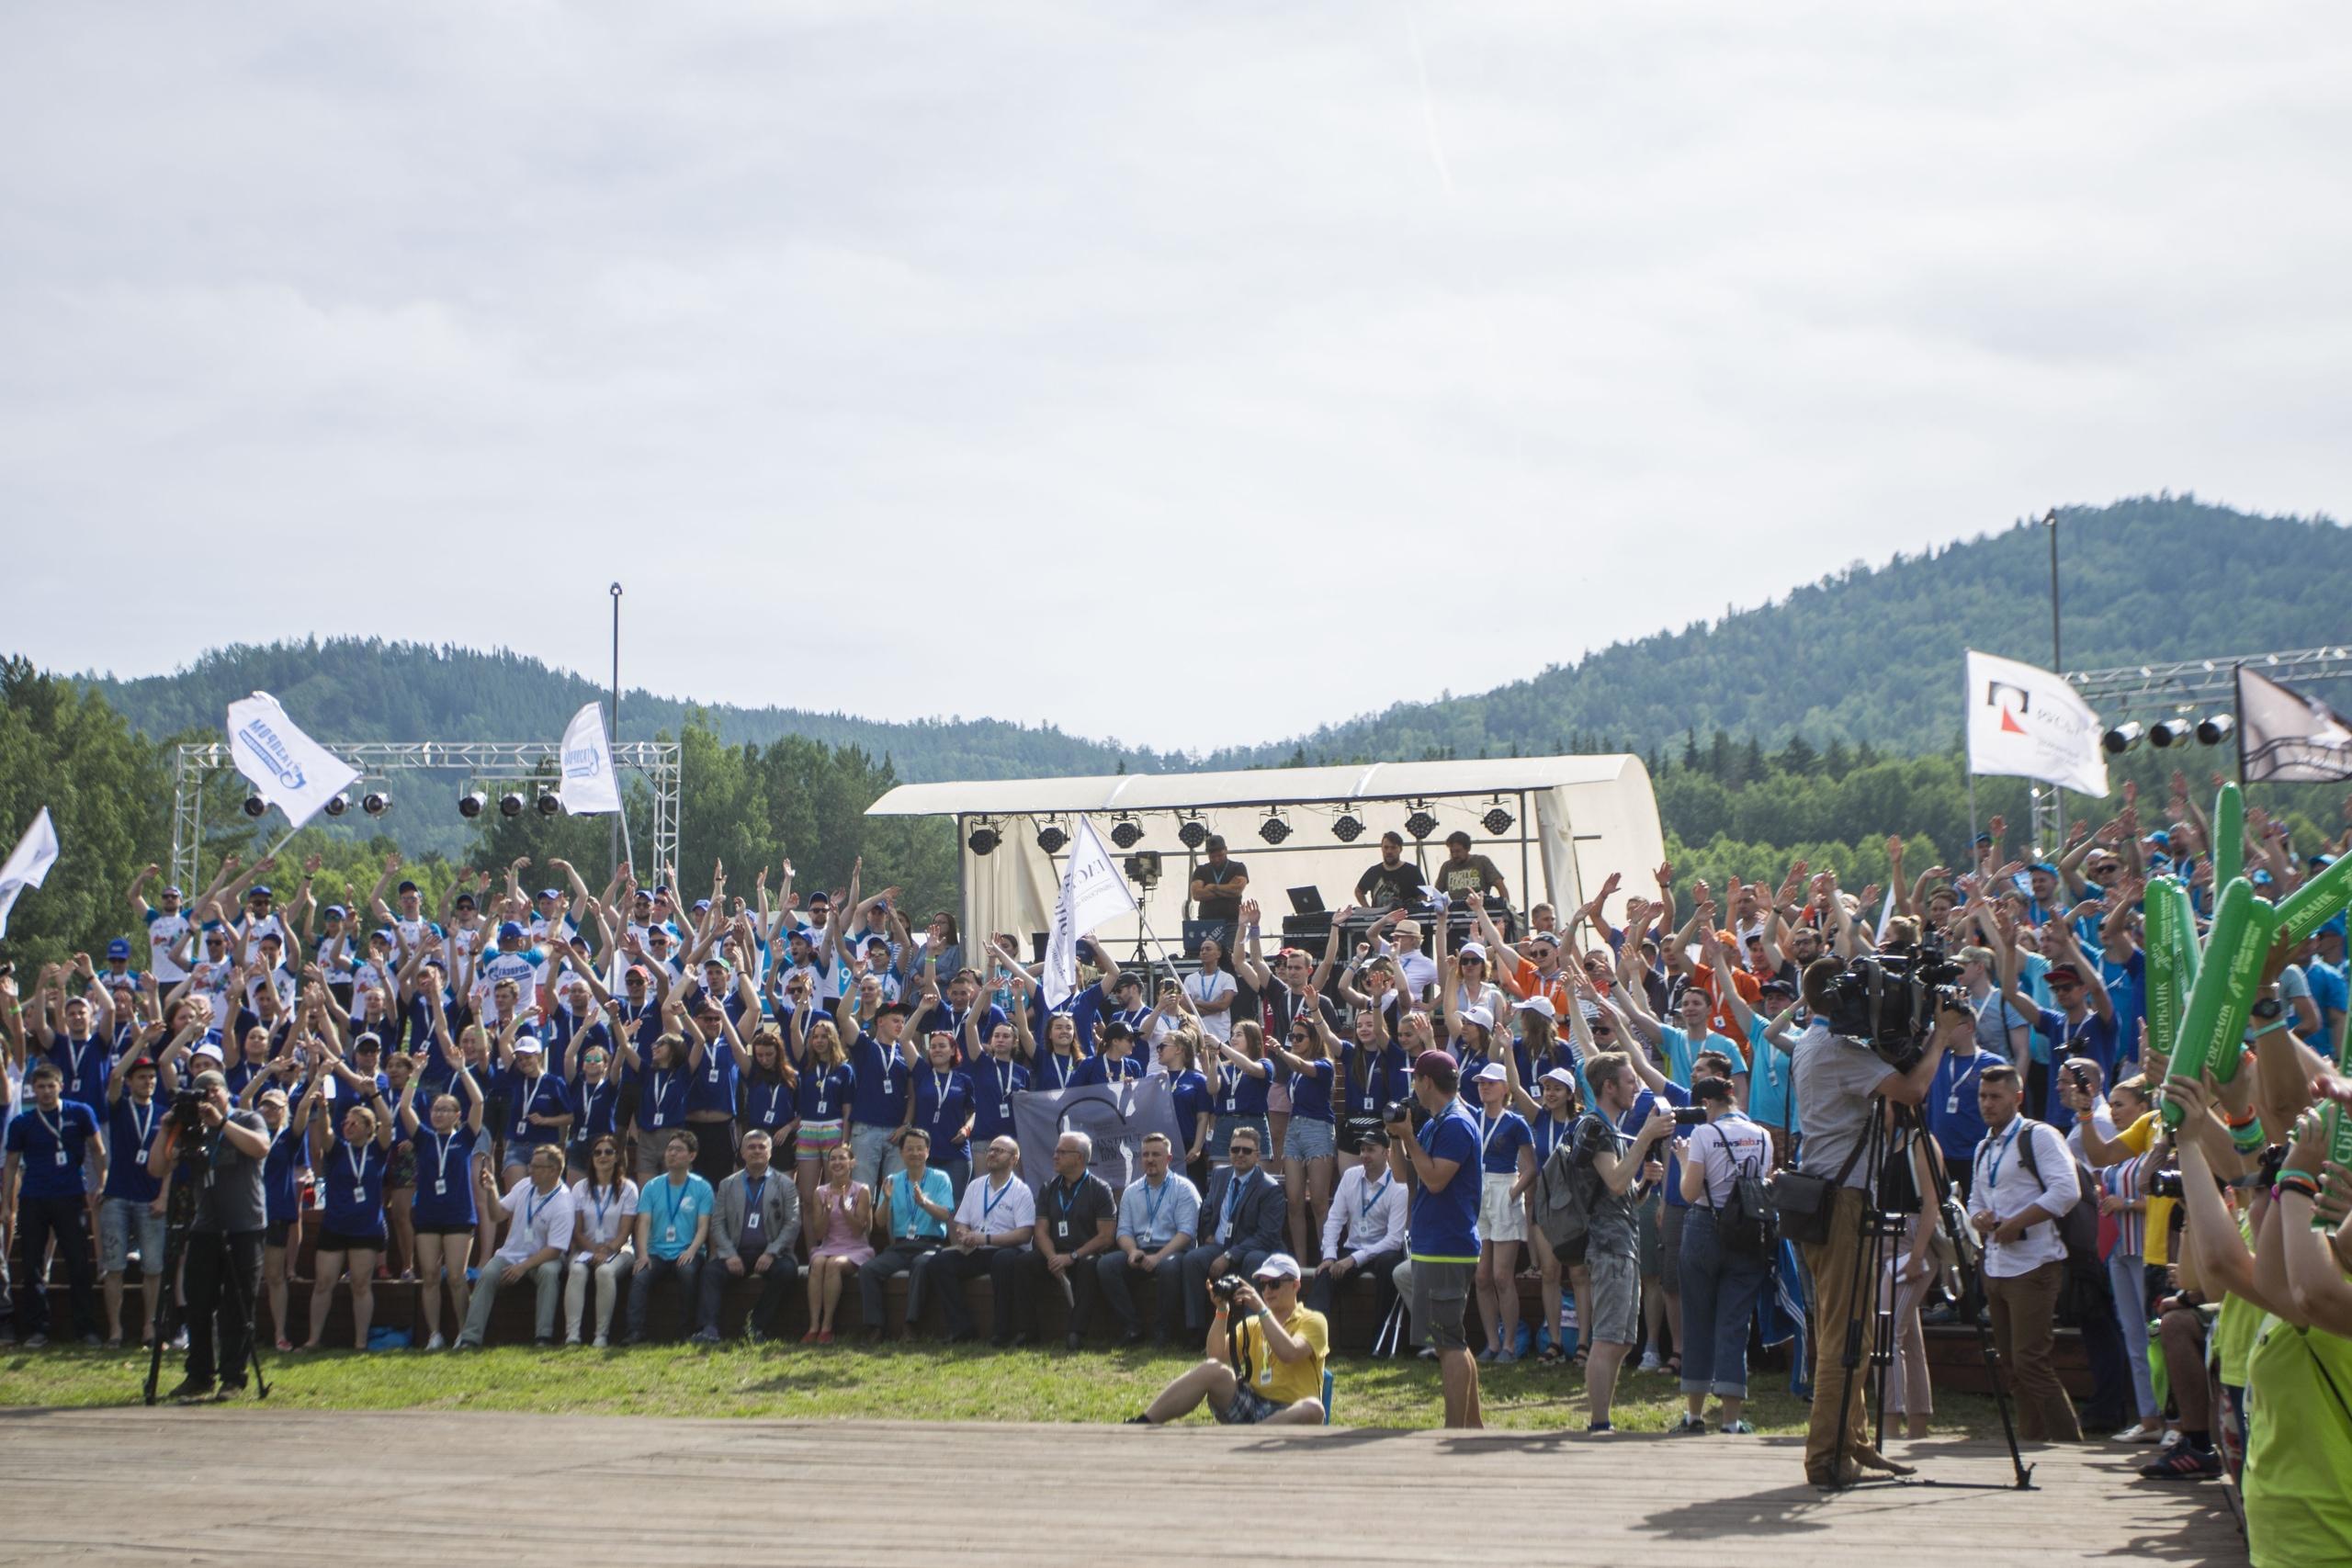 Слоган молодых энергетиков на Бирюсе: Мы — энергетика страны! Мы нашей Родине верны! Мы все готовы развиваться! Мы — Бирюса 2019!